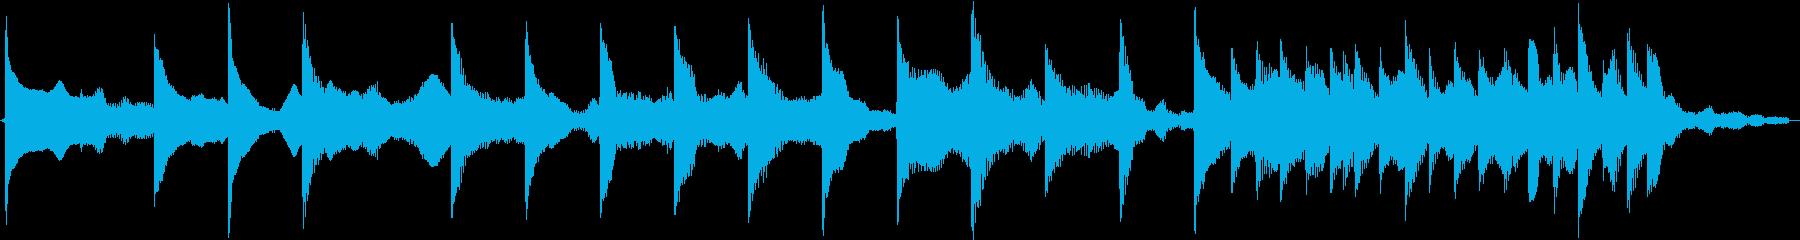 電車の発車メロディ(発着音)002の再生済みの波形